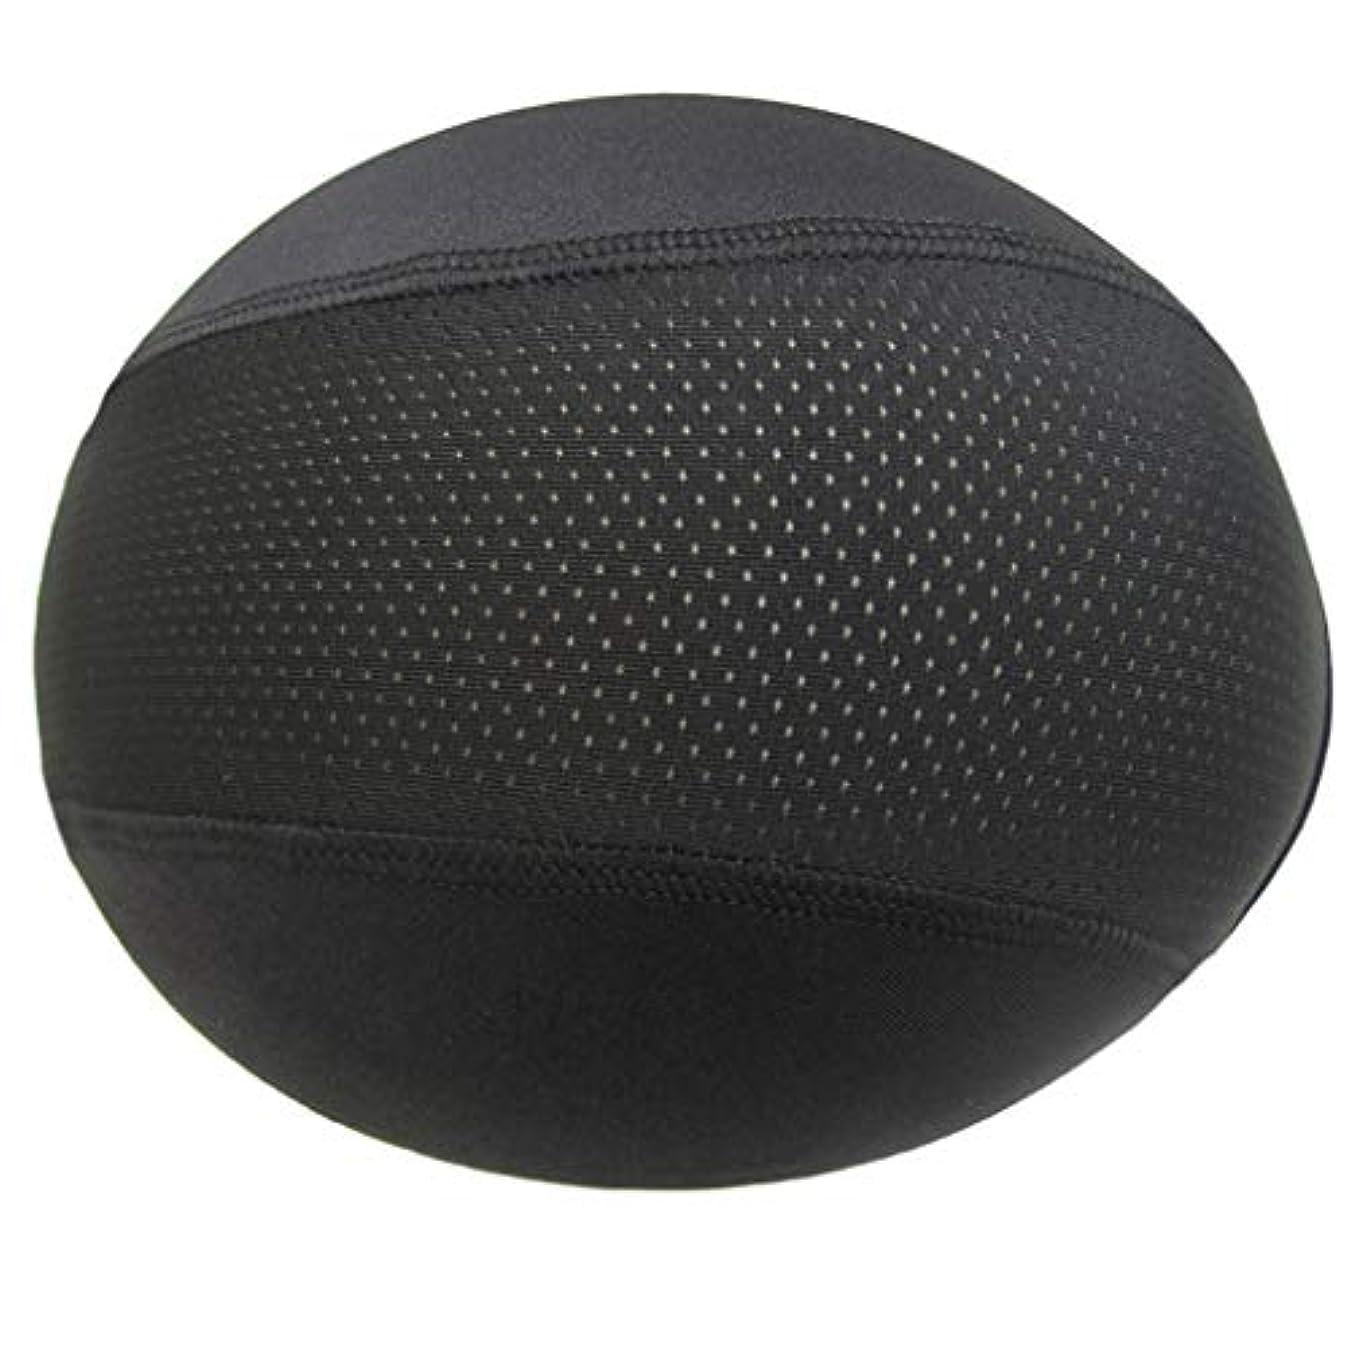 ニュース抑制するカメヘルメットインナーキャップ ユニセックス帽子ドームキャップ 水分発散冷却スカルキャップ